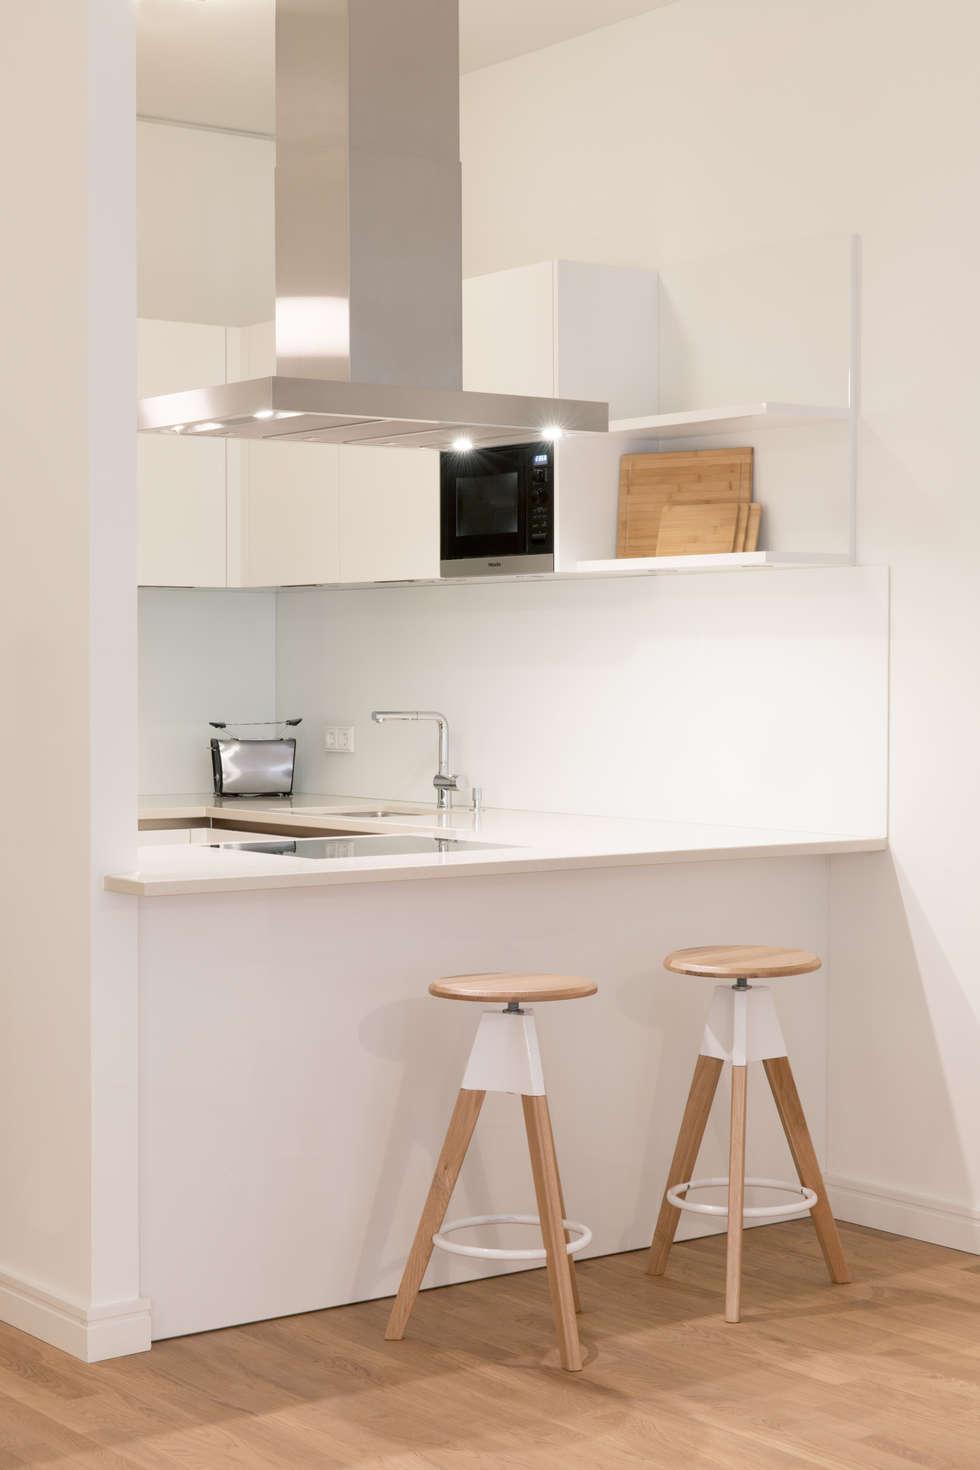 Küche: Moderne Küche Von Carola Augustin Innenarchitektur